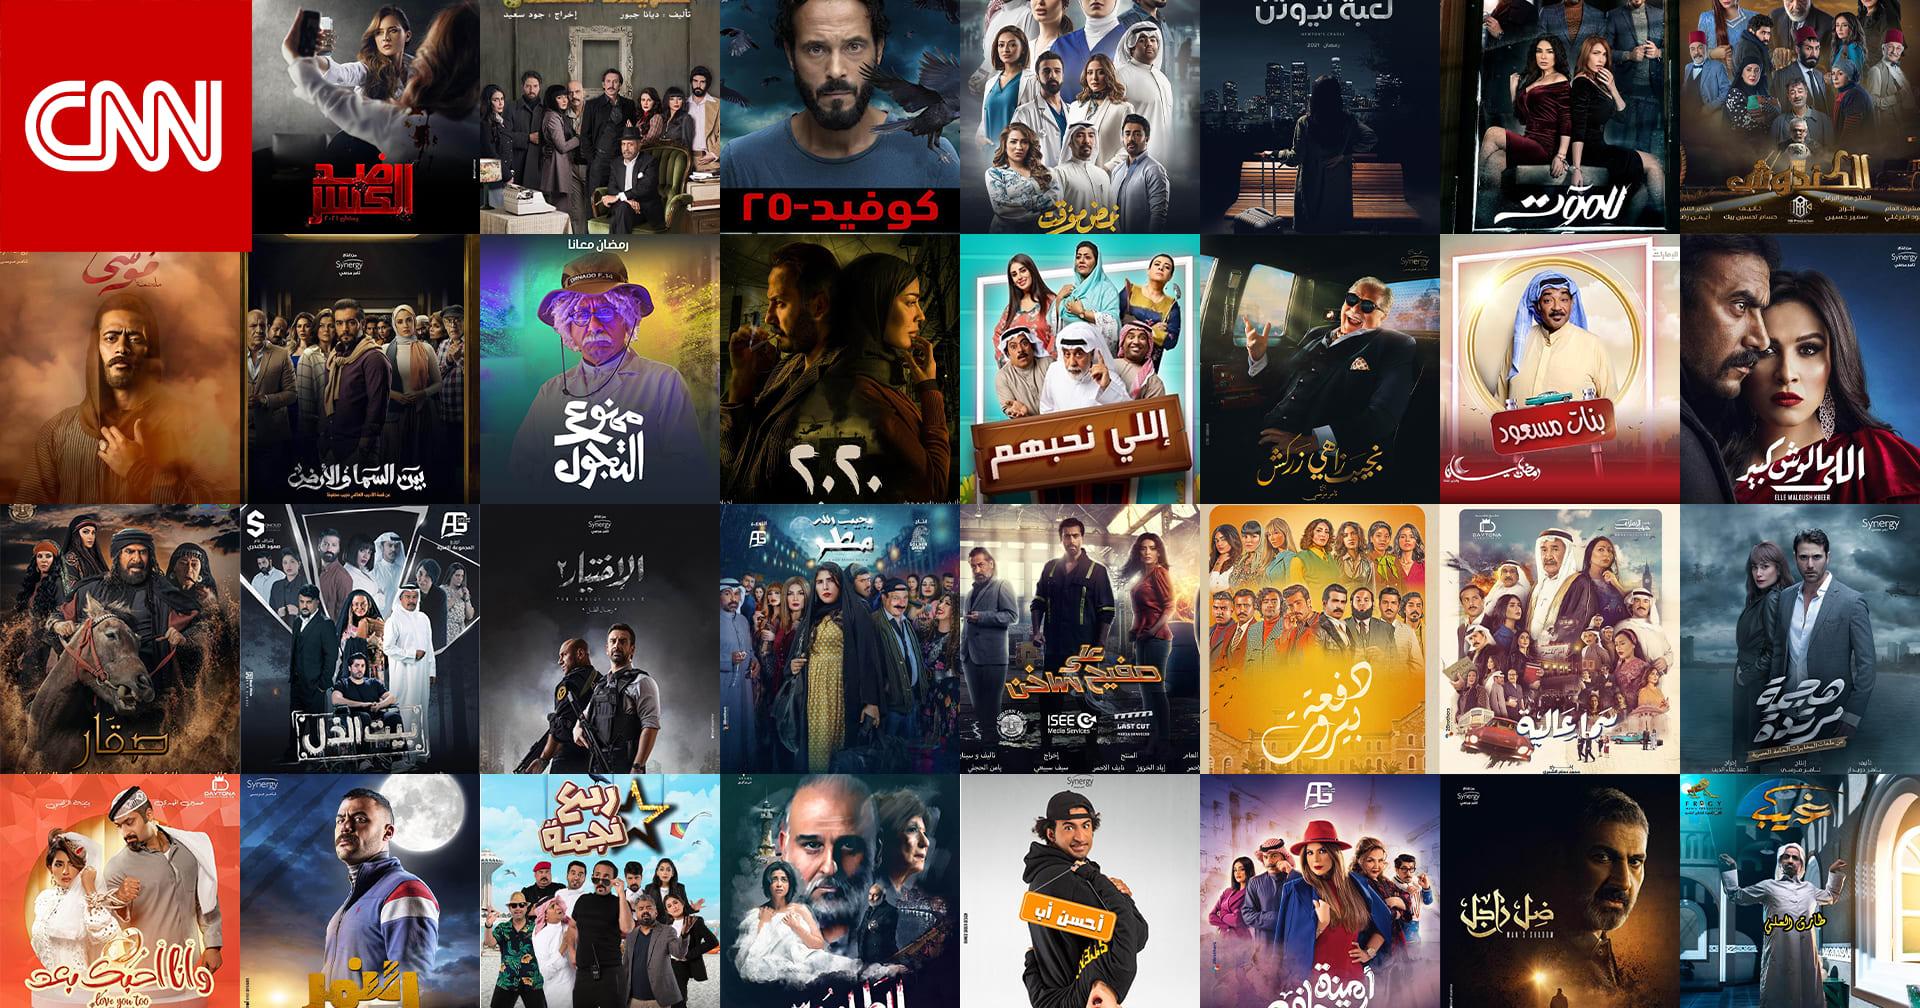 نجاحات وإخفاقات موسم دراما رمضان 2021 .. هذا ما قاله النقاد لـCNN بالعربية عن أفضل وأسوأ الأداءات